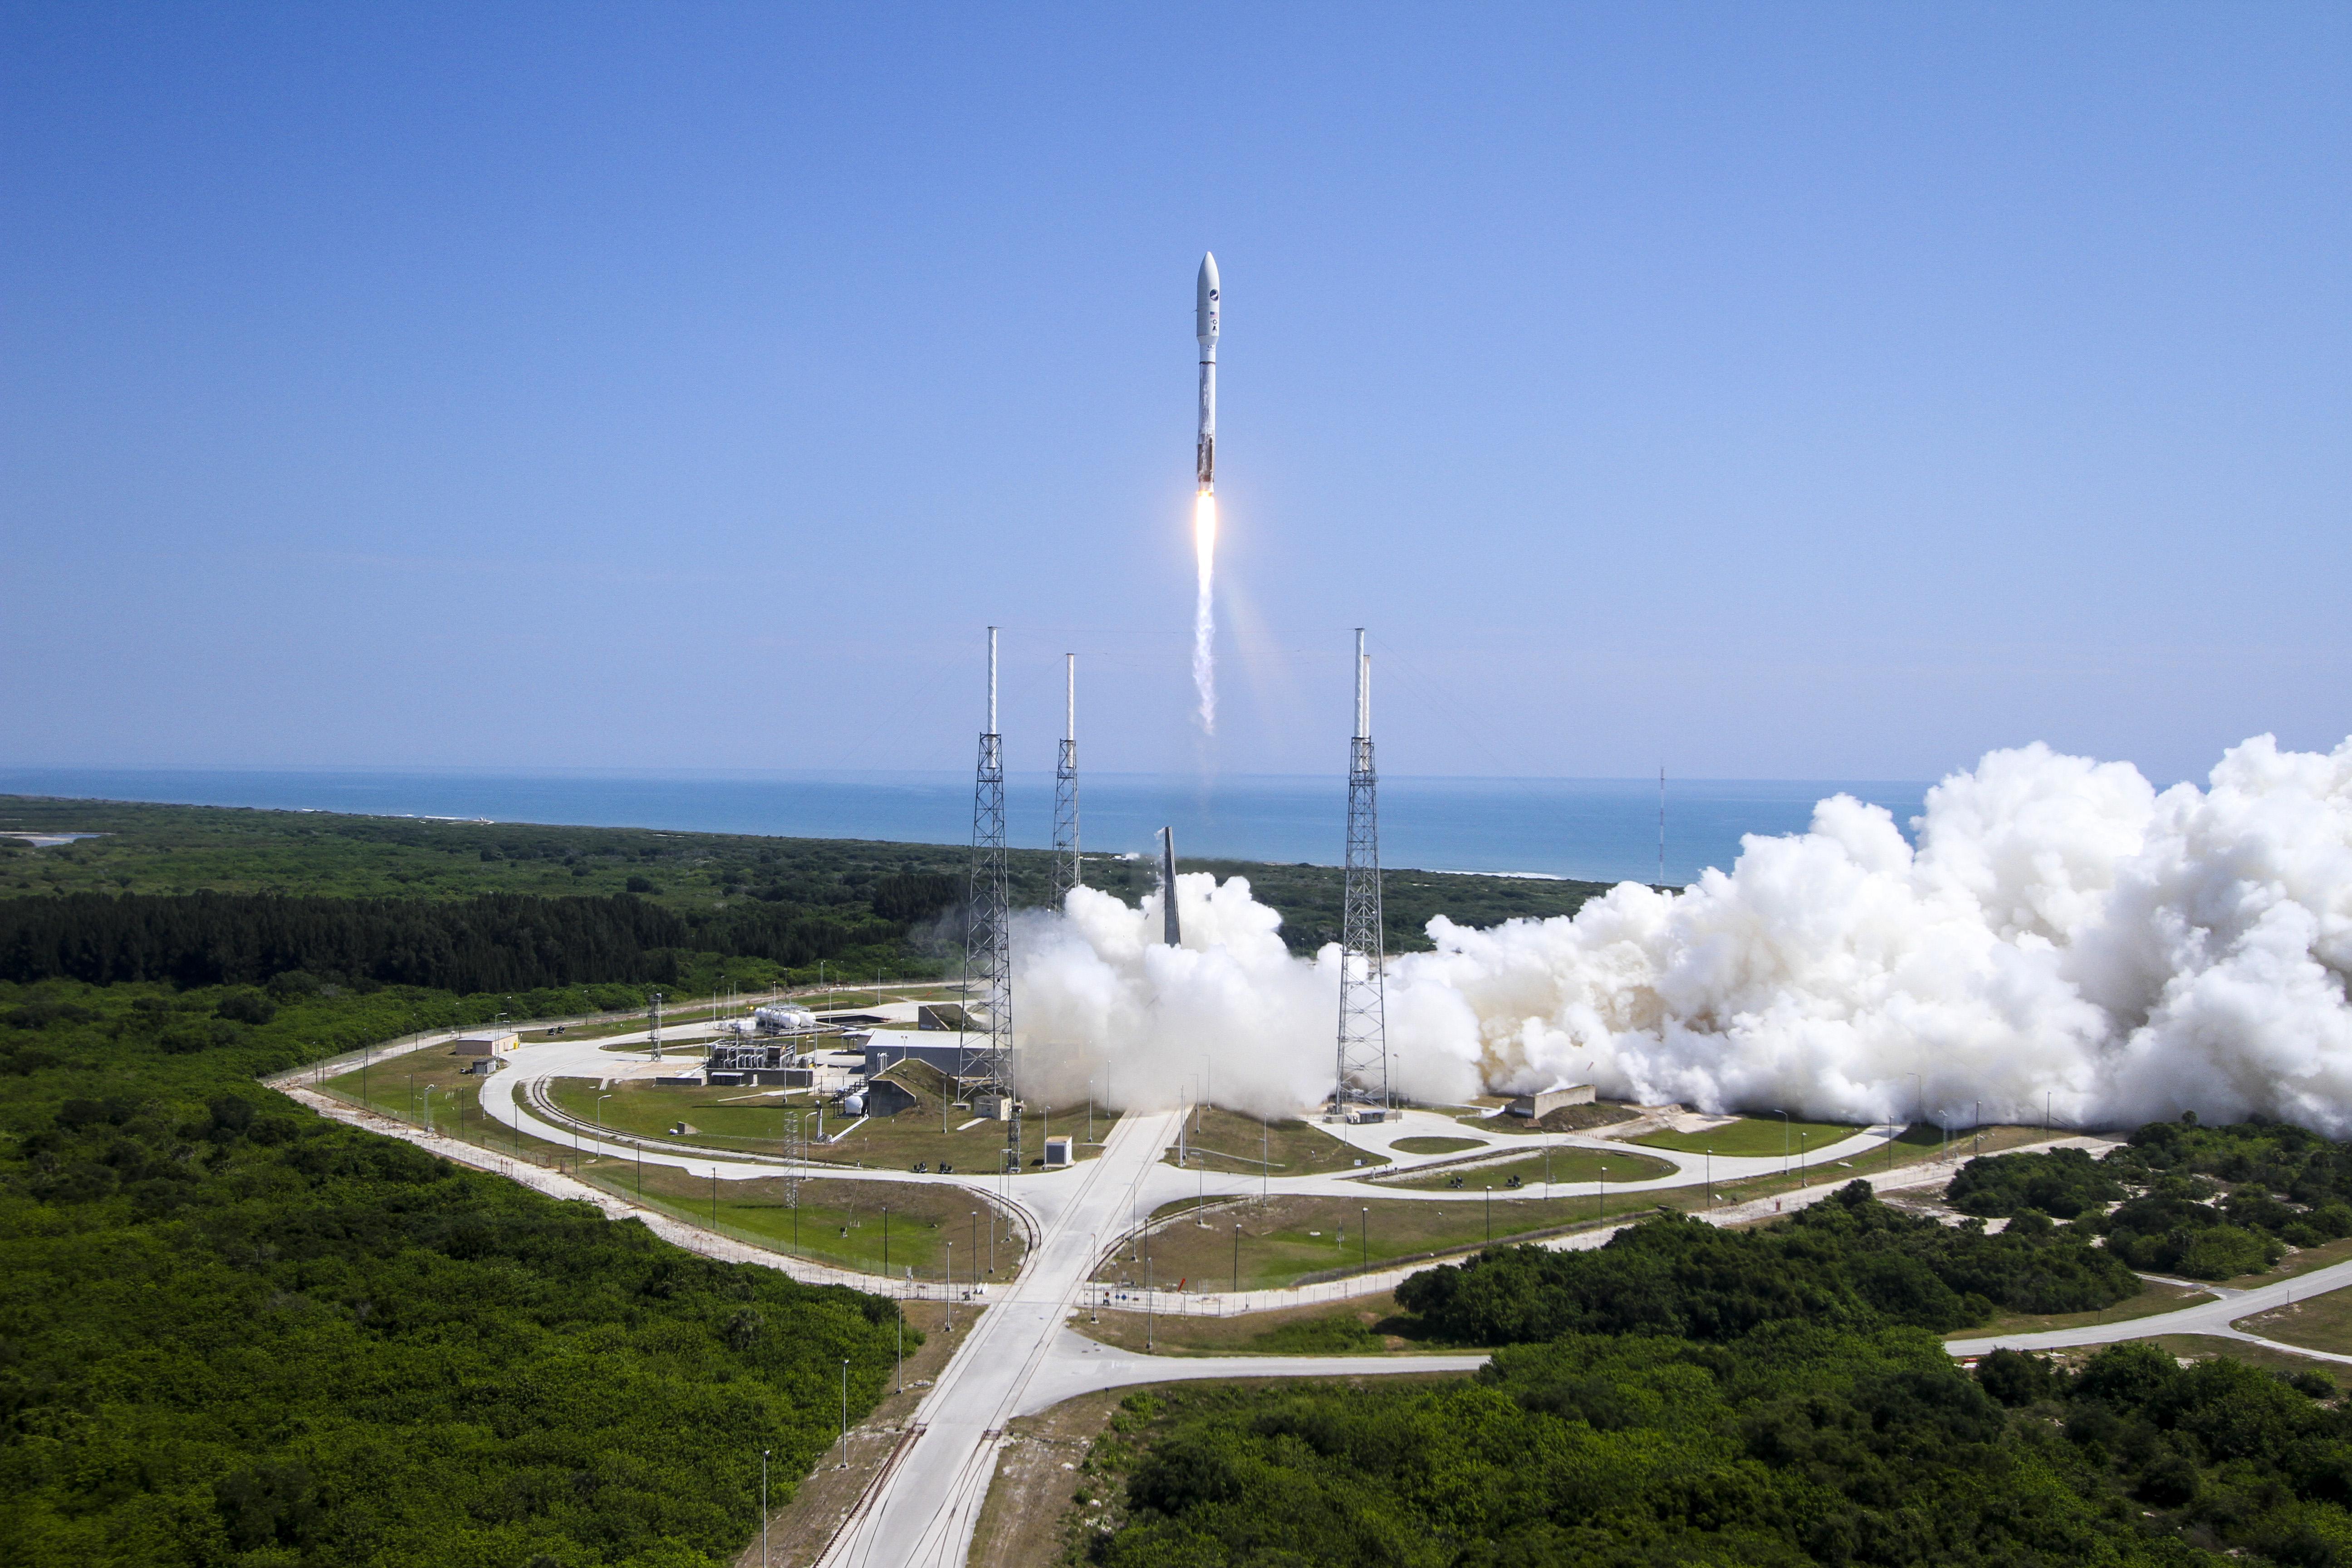 Un Atlas V di ULA decolla con a bordo il satellite AFSPC-5 per USAF nel 2015. Credits: ULA